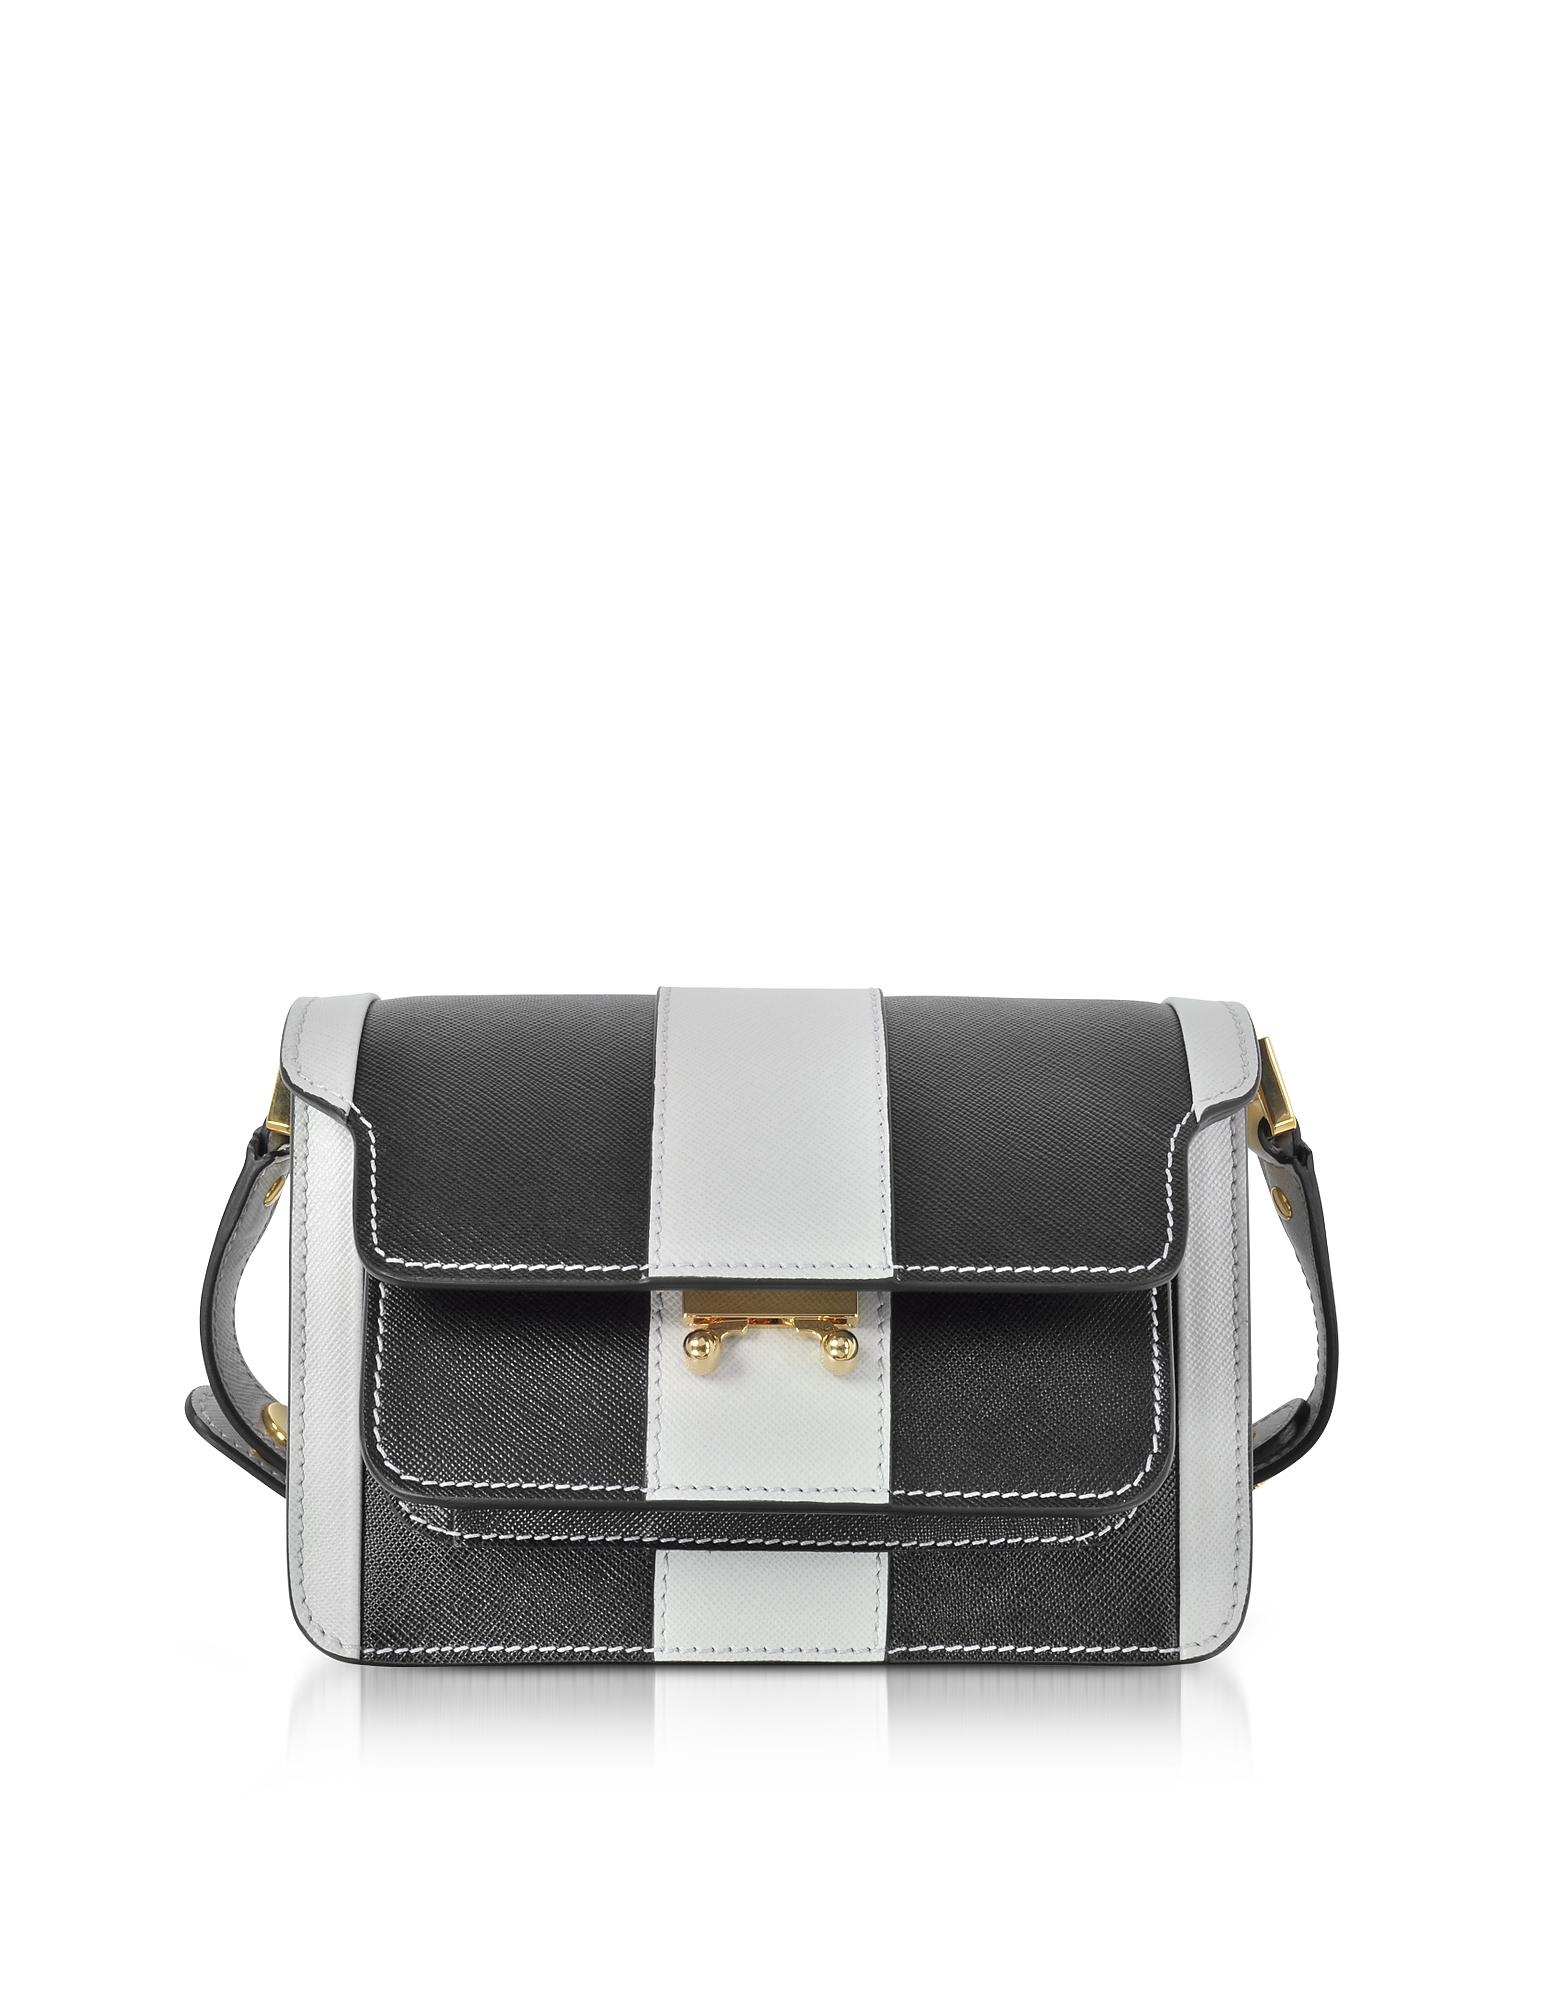 Фото Mini Trunk Bag - Маленькая Сумка из Сафьяновой Кожи в Пеликановую и Черную Полоску. Купить с доставкой